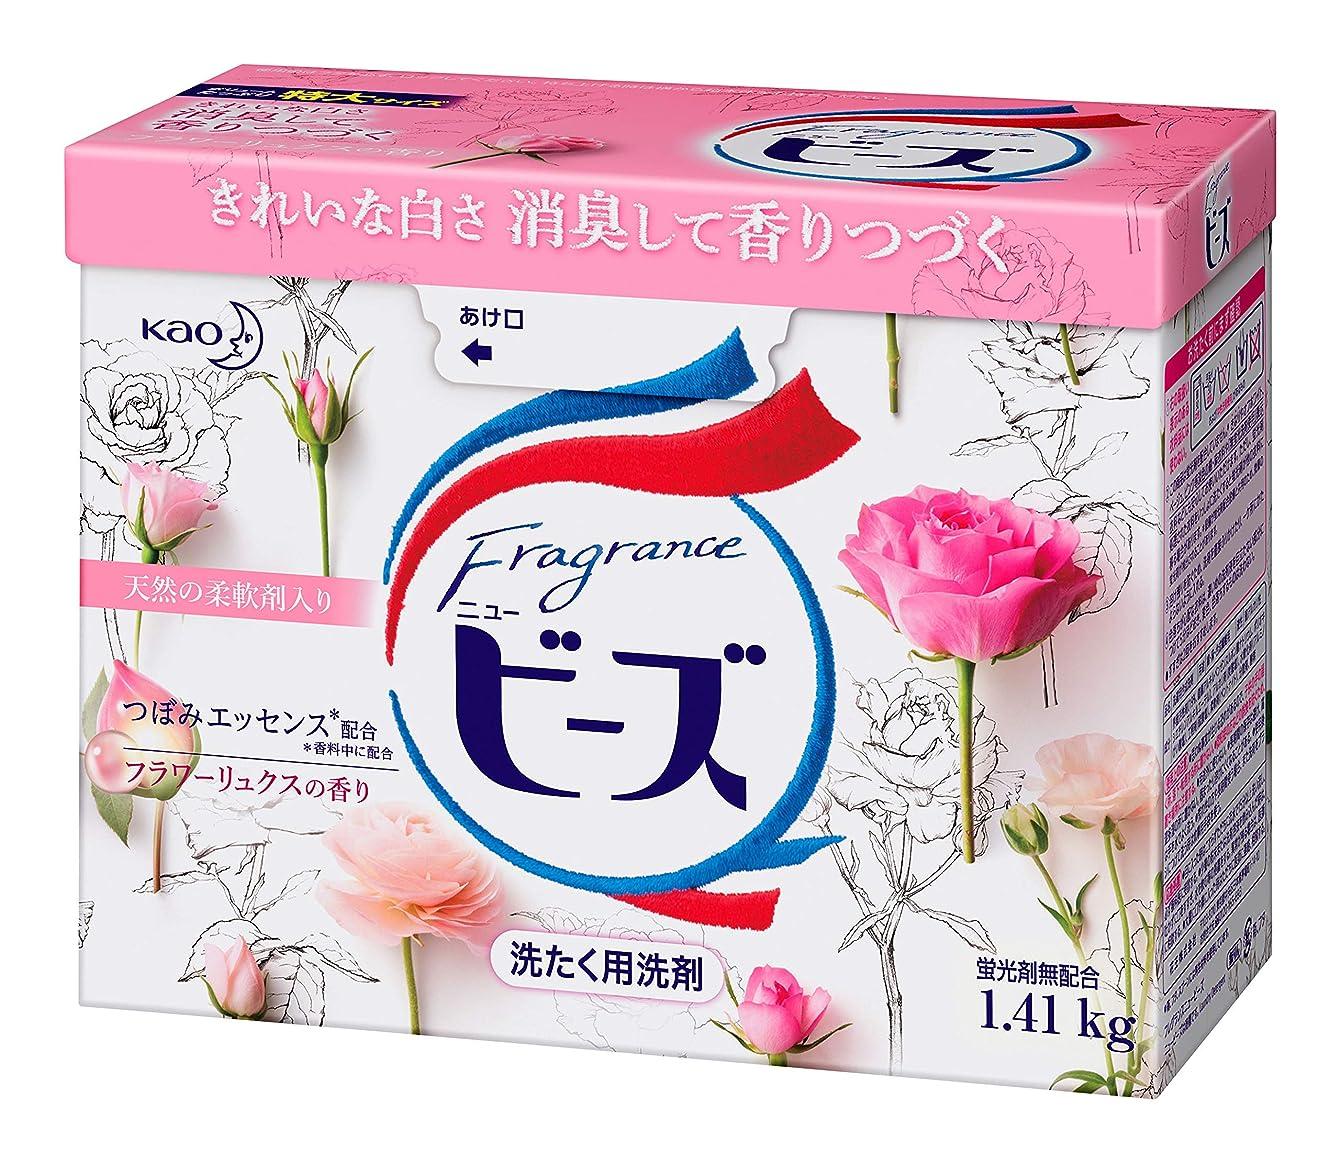 進行中口投獄【大容量】フレグランスニュービーズ 洗濯洗剤 粉末 フラワーリュクスの香り 1.41kg